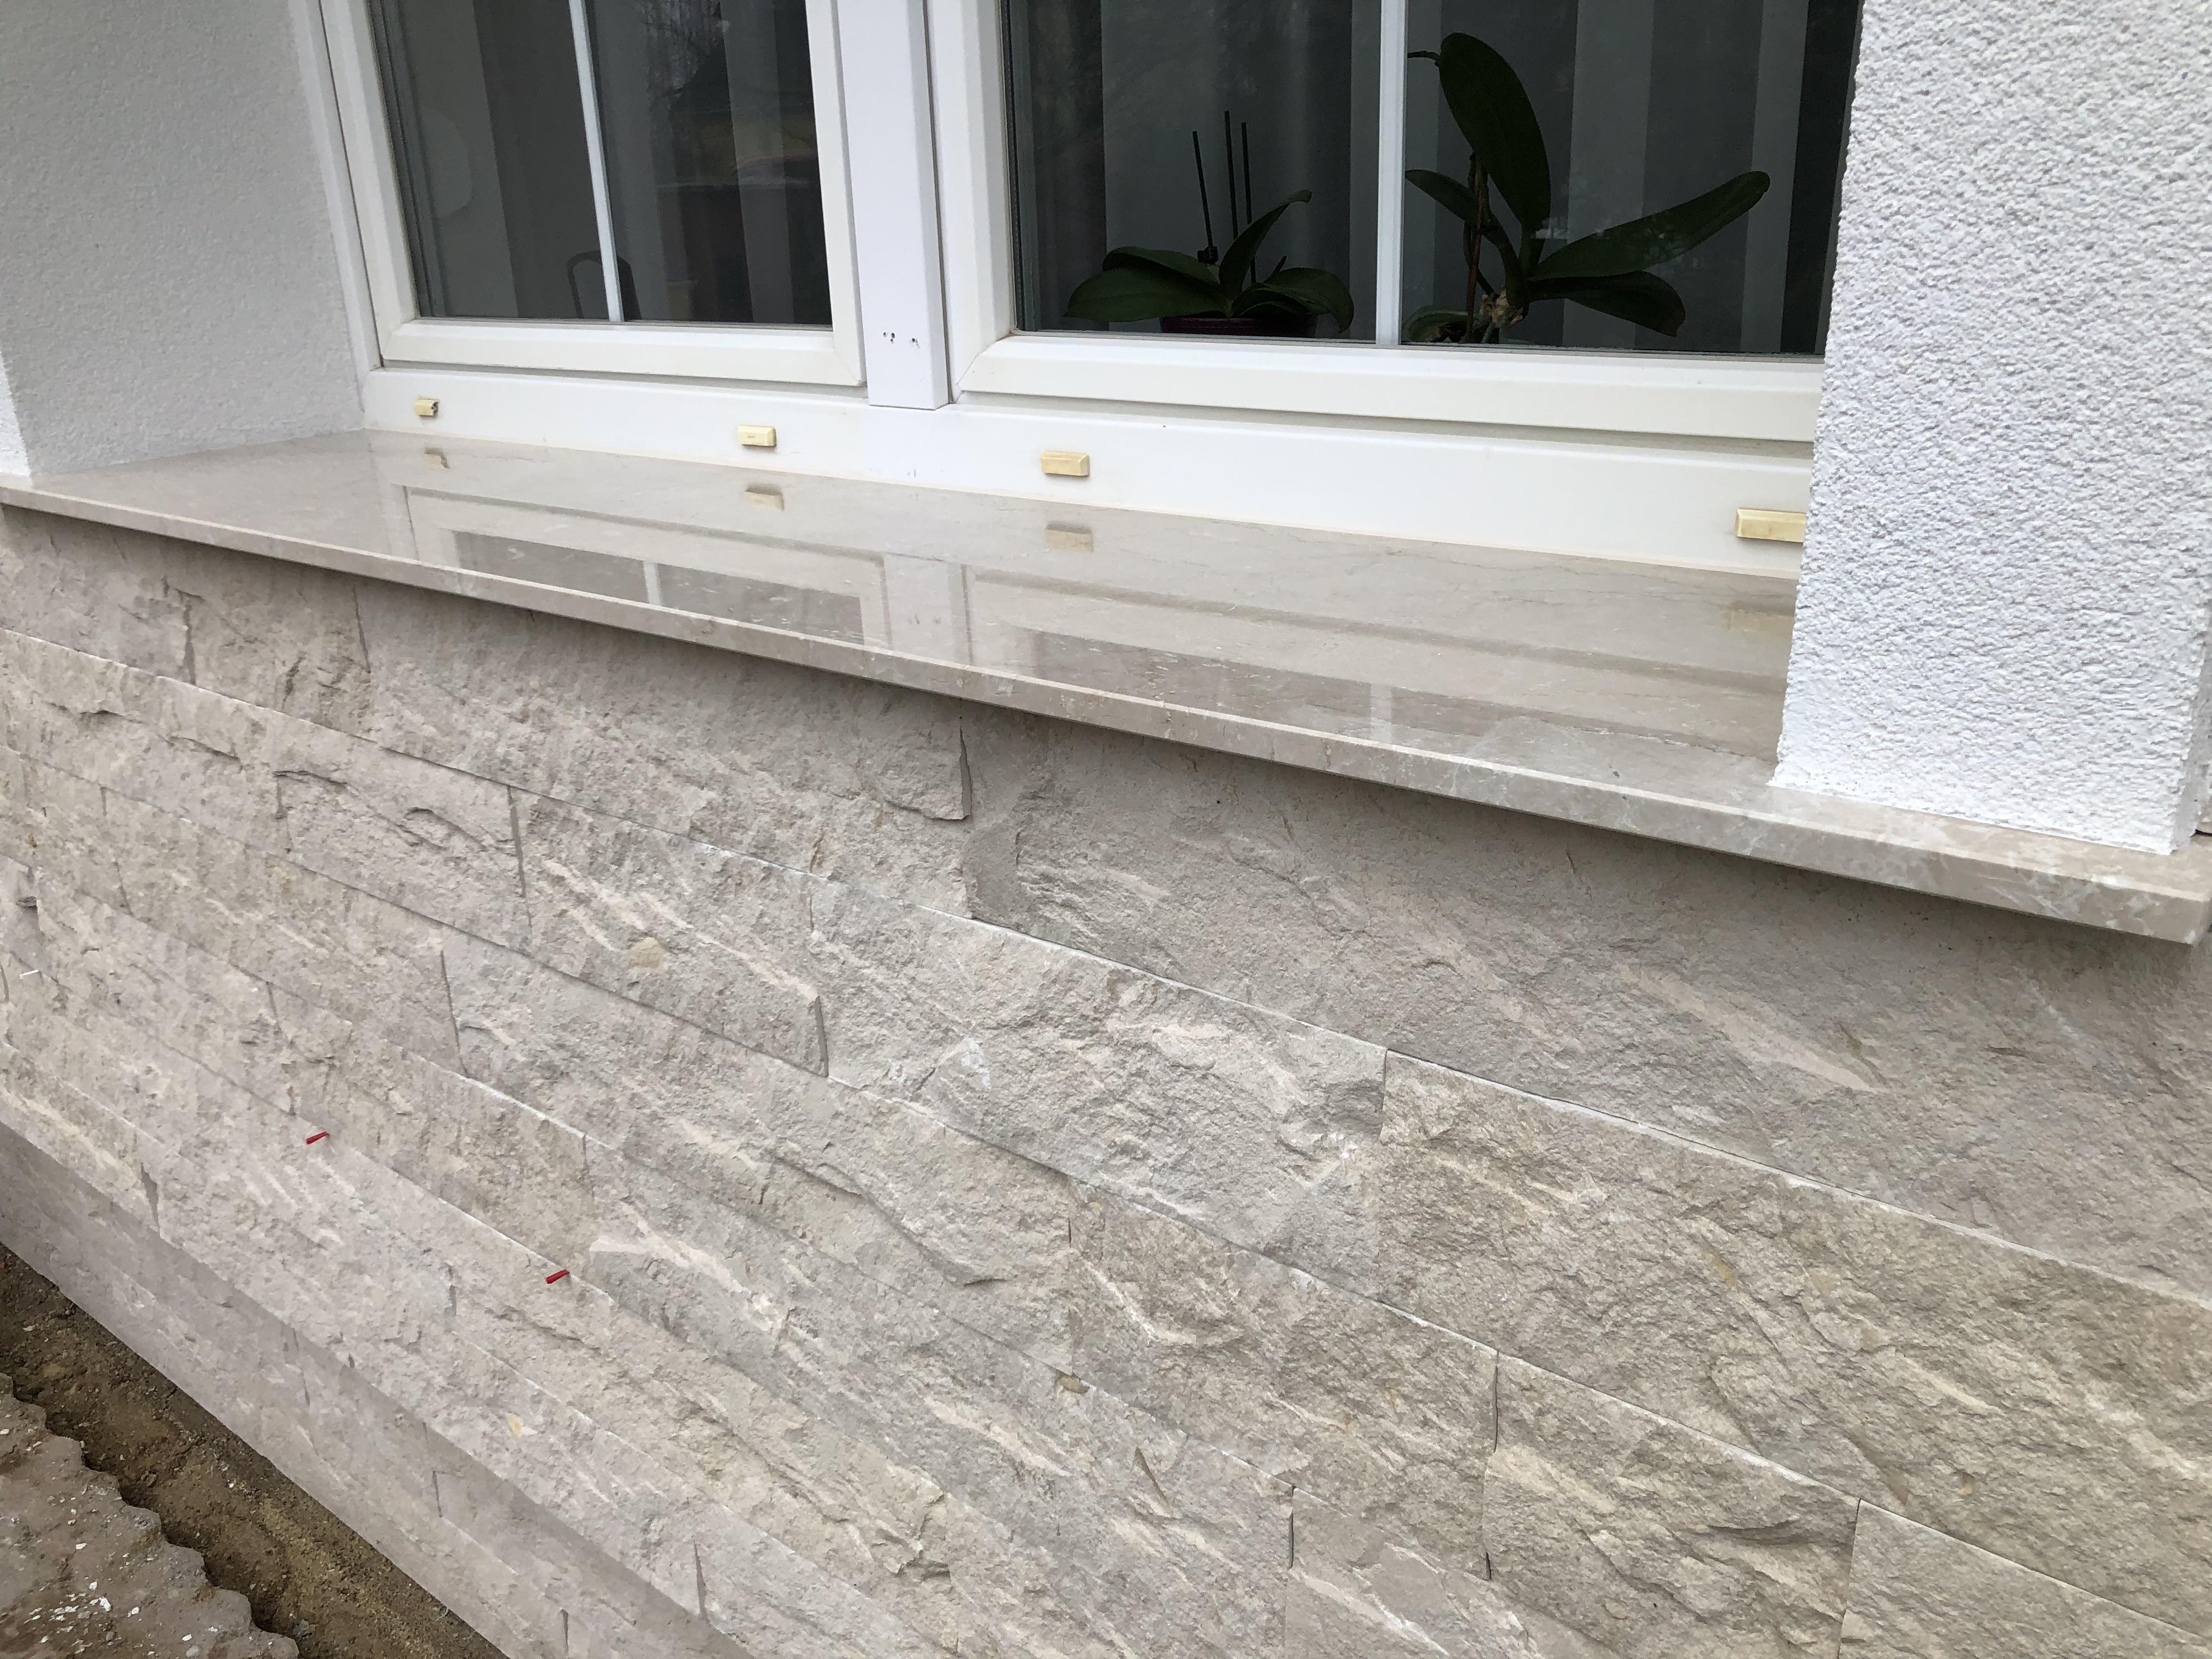 Botticino márvány ablakpárkány 2 cm vastagságban, felületkezeléssel! A homlokzatburkolat is nagy tételben megtalálható cégünknél!